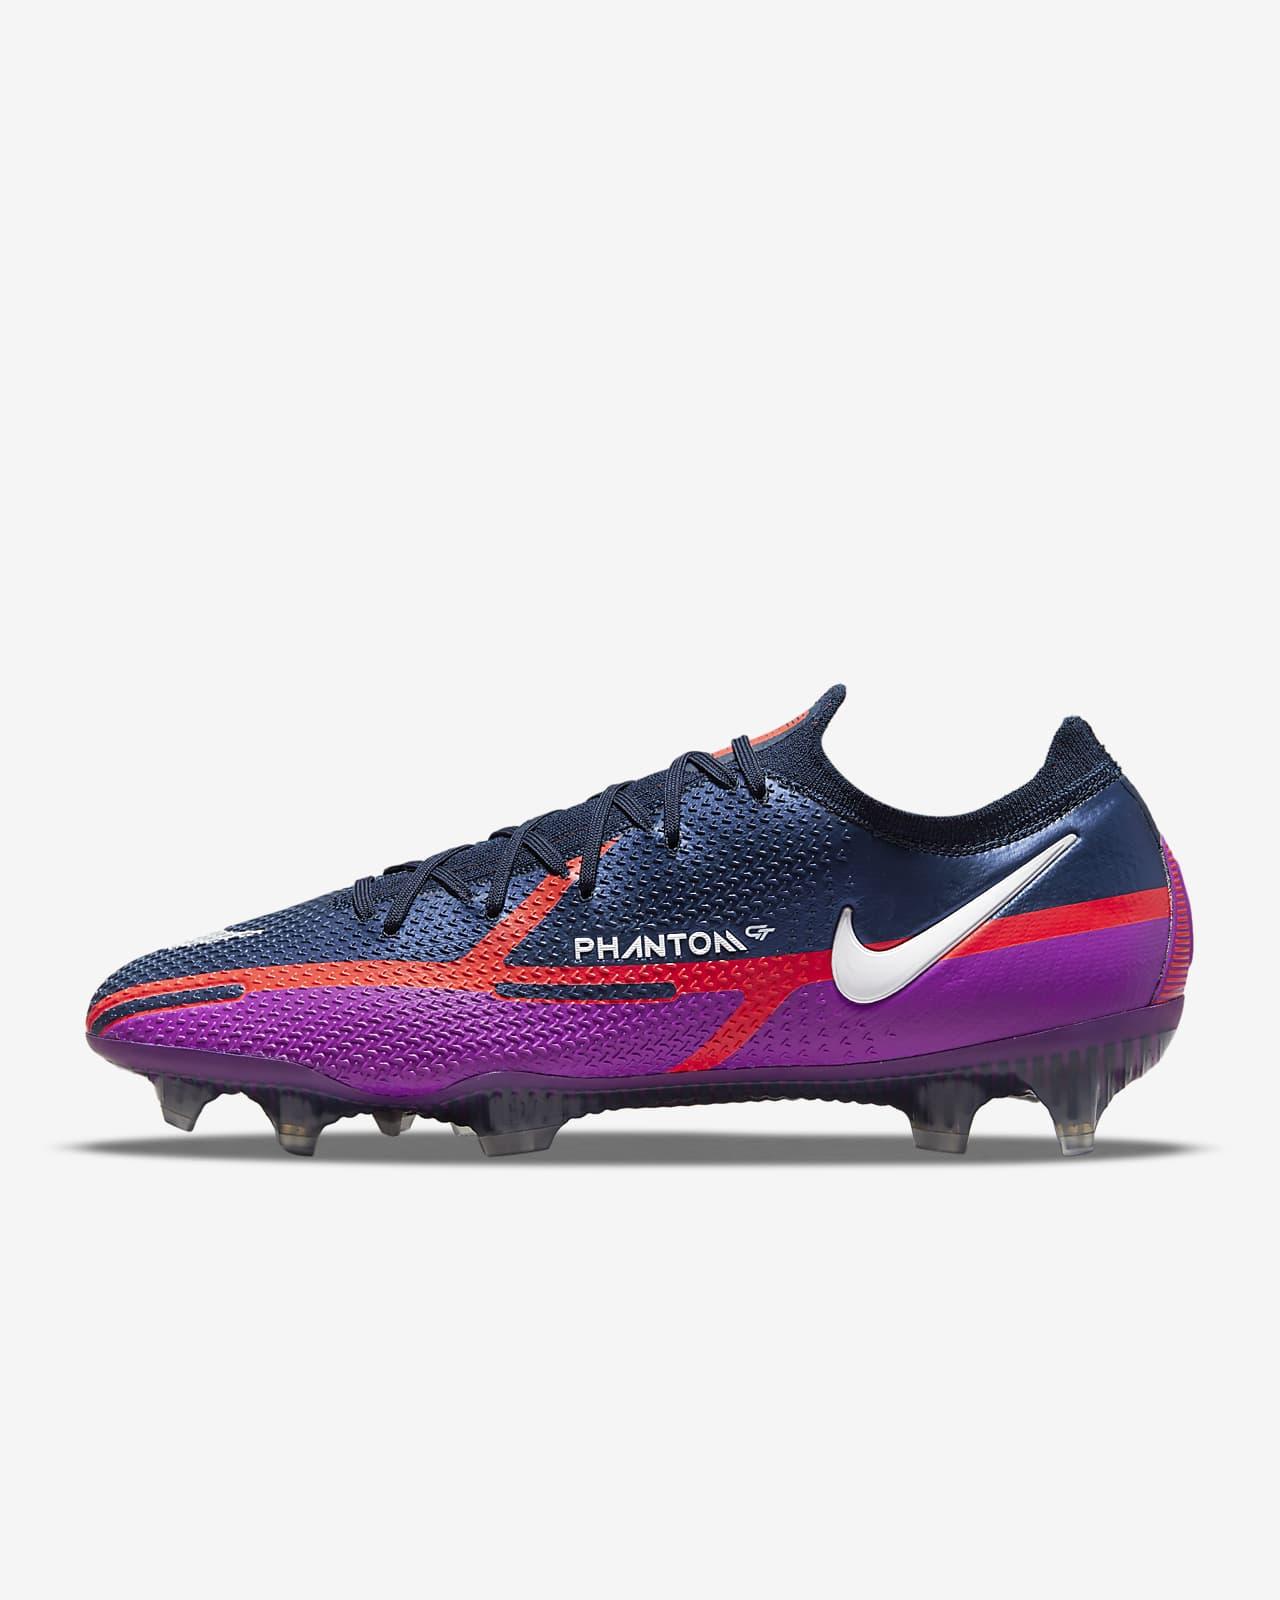 Футбольные бутсы для игры на твердом грунте Nike Phantom GT2 Elite FG